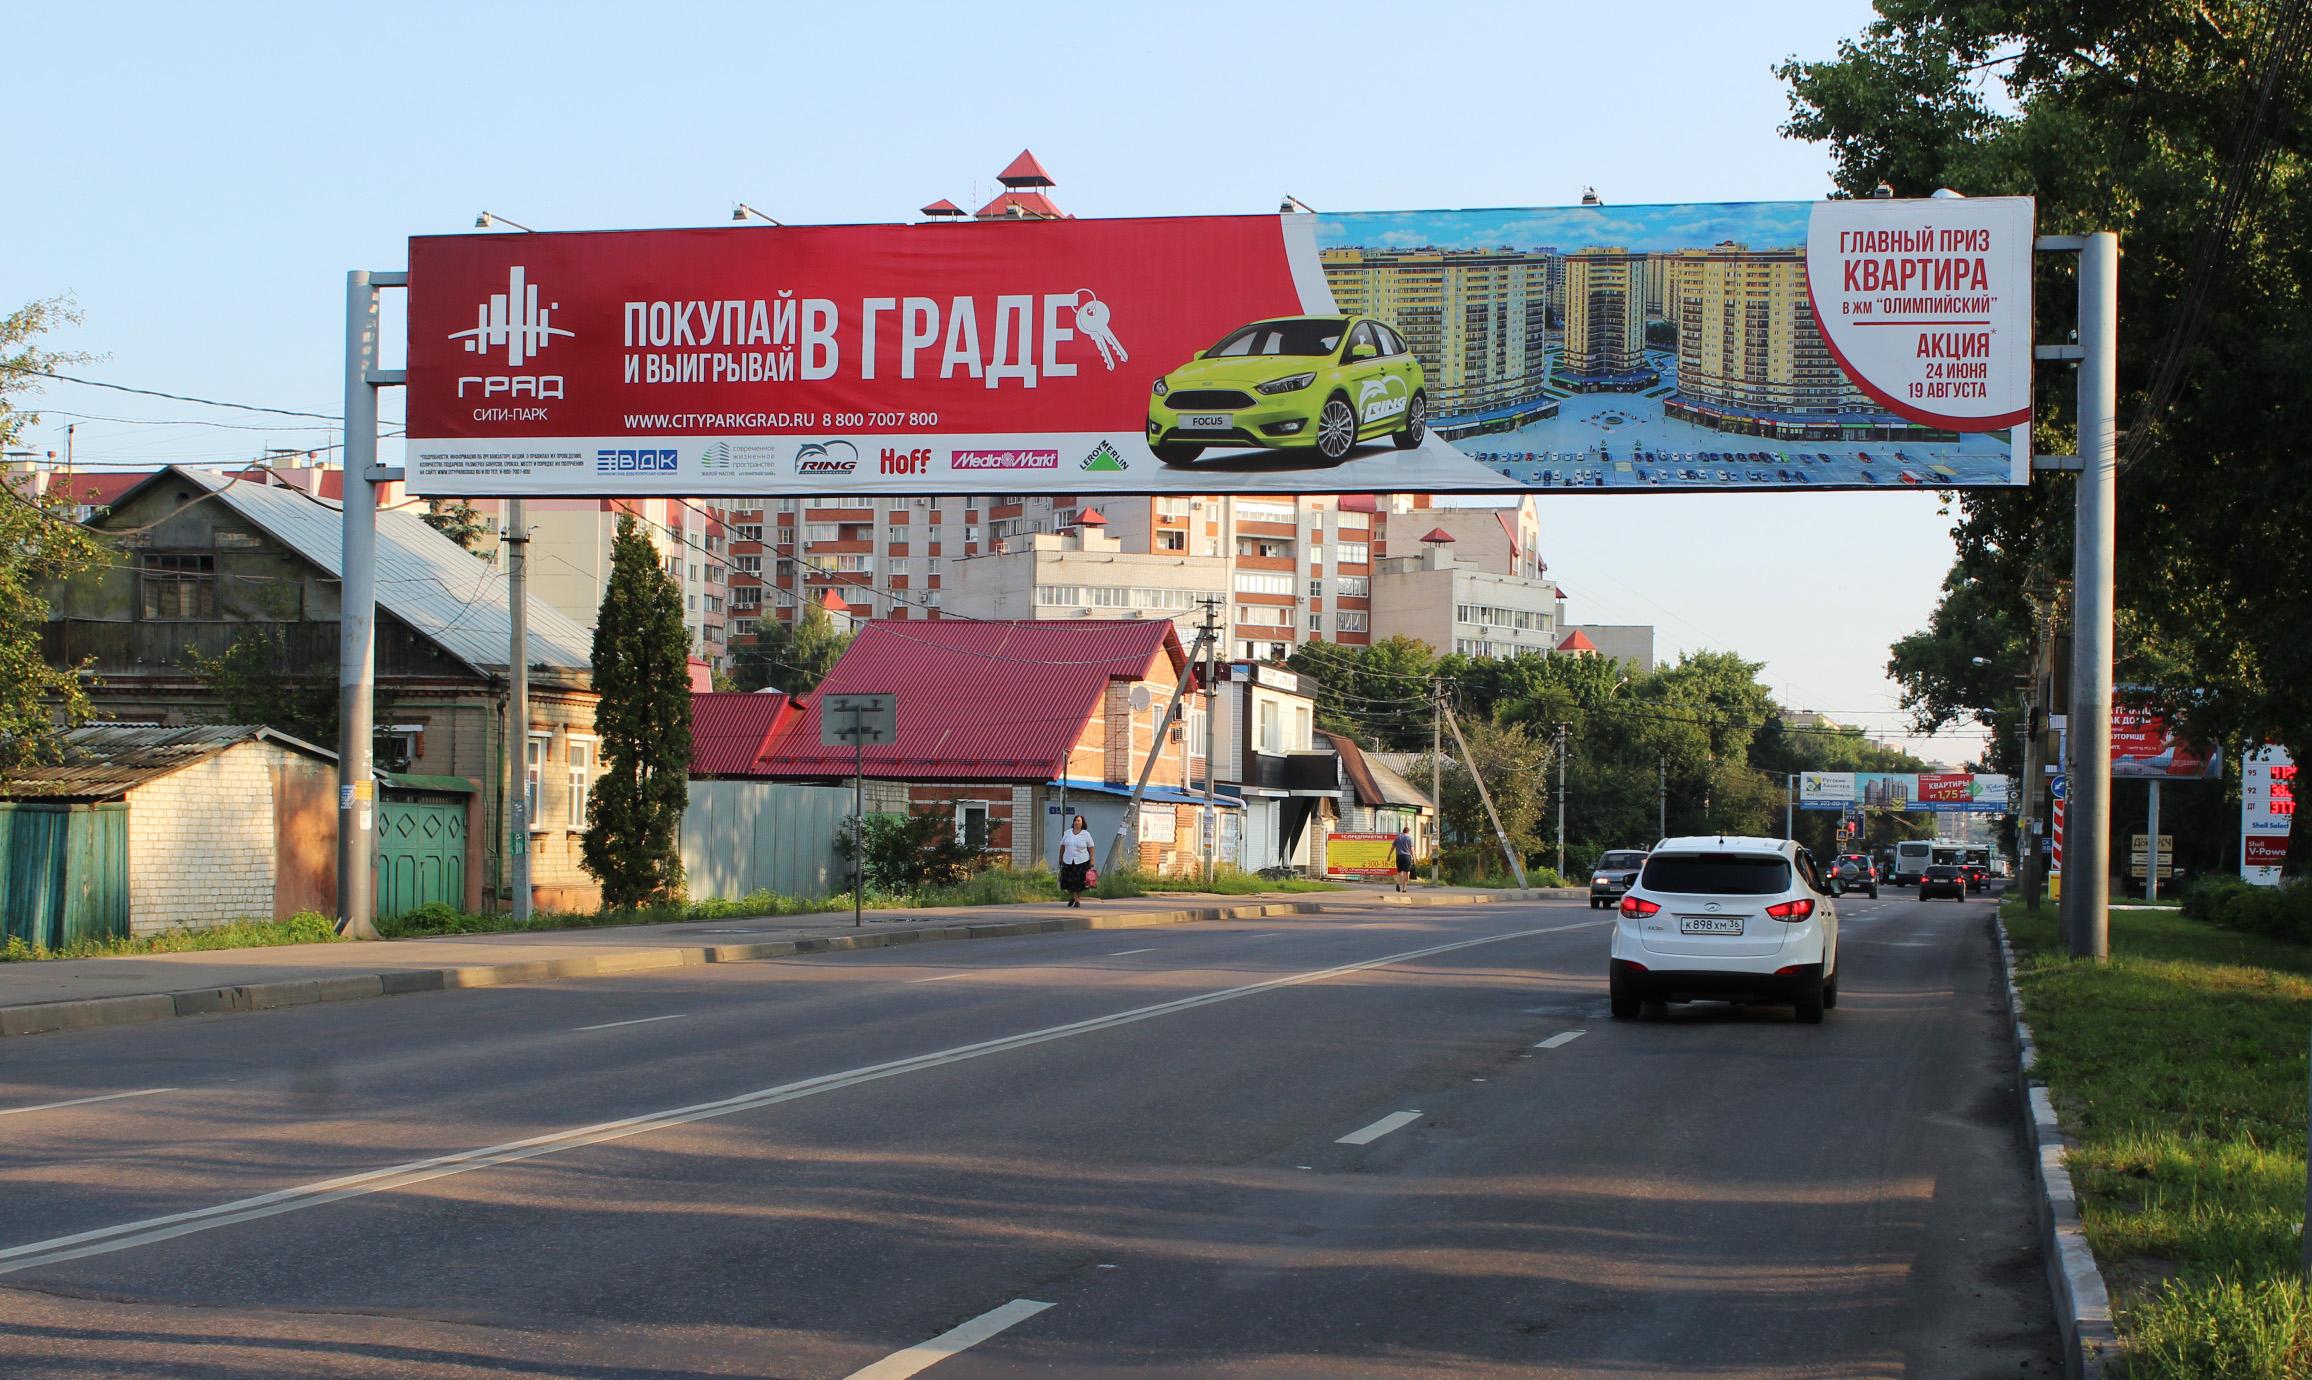 225А1-А3 ул Шишкова 55 портал в Северный р-он (2)